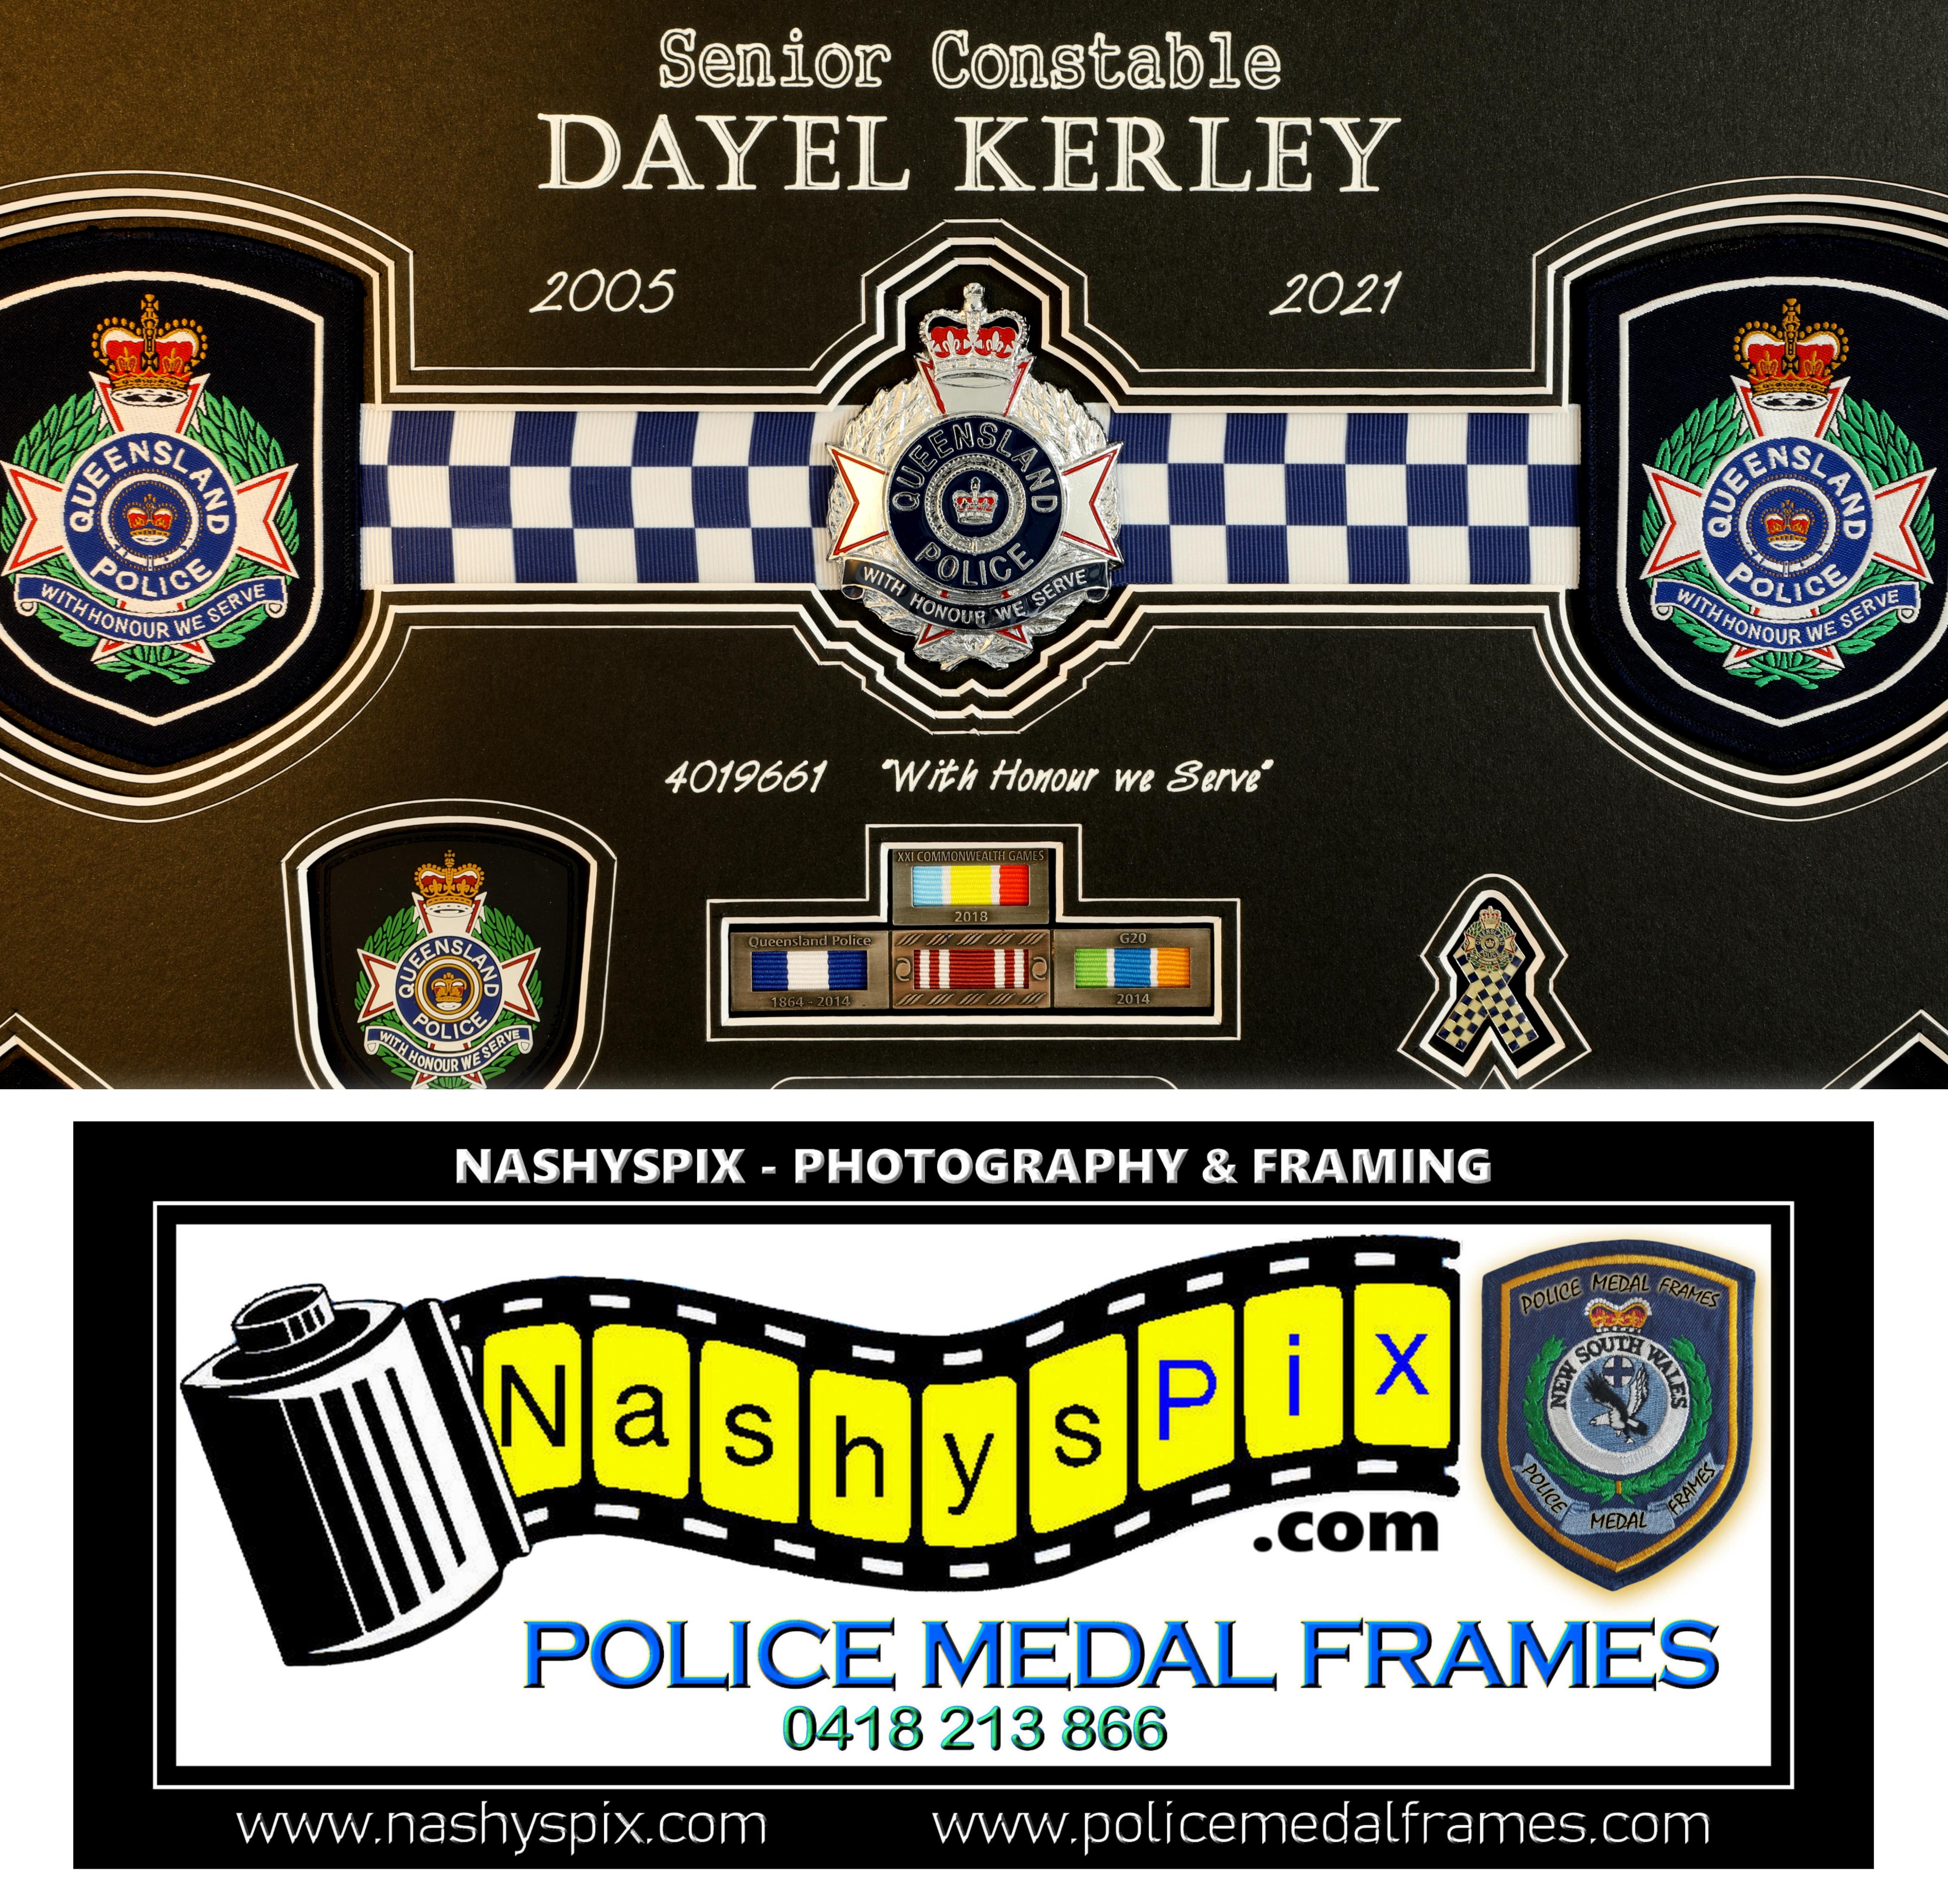 Dayel Kerley QLD POLICE B 15-2-2021